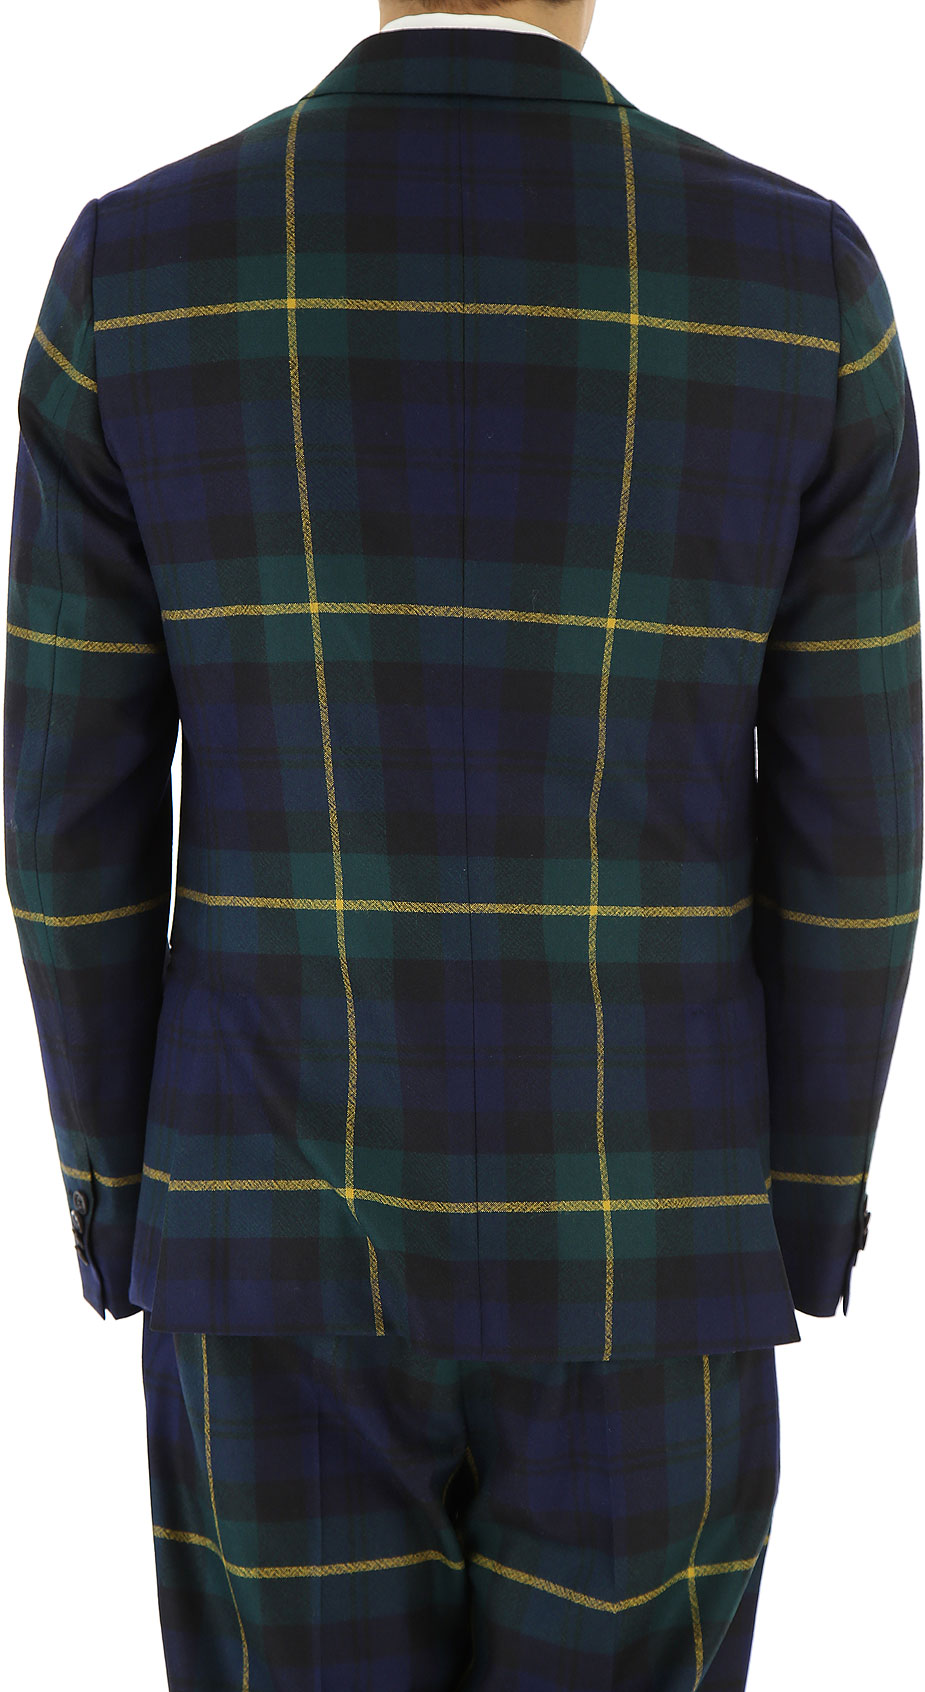 Abbigliamento Uomo Paul Smith, Codice Articolo: ptxc-1599-a62